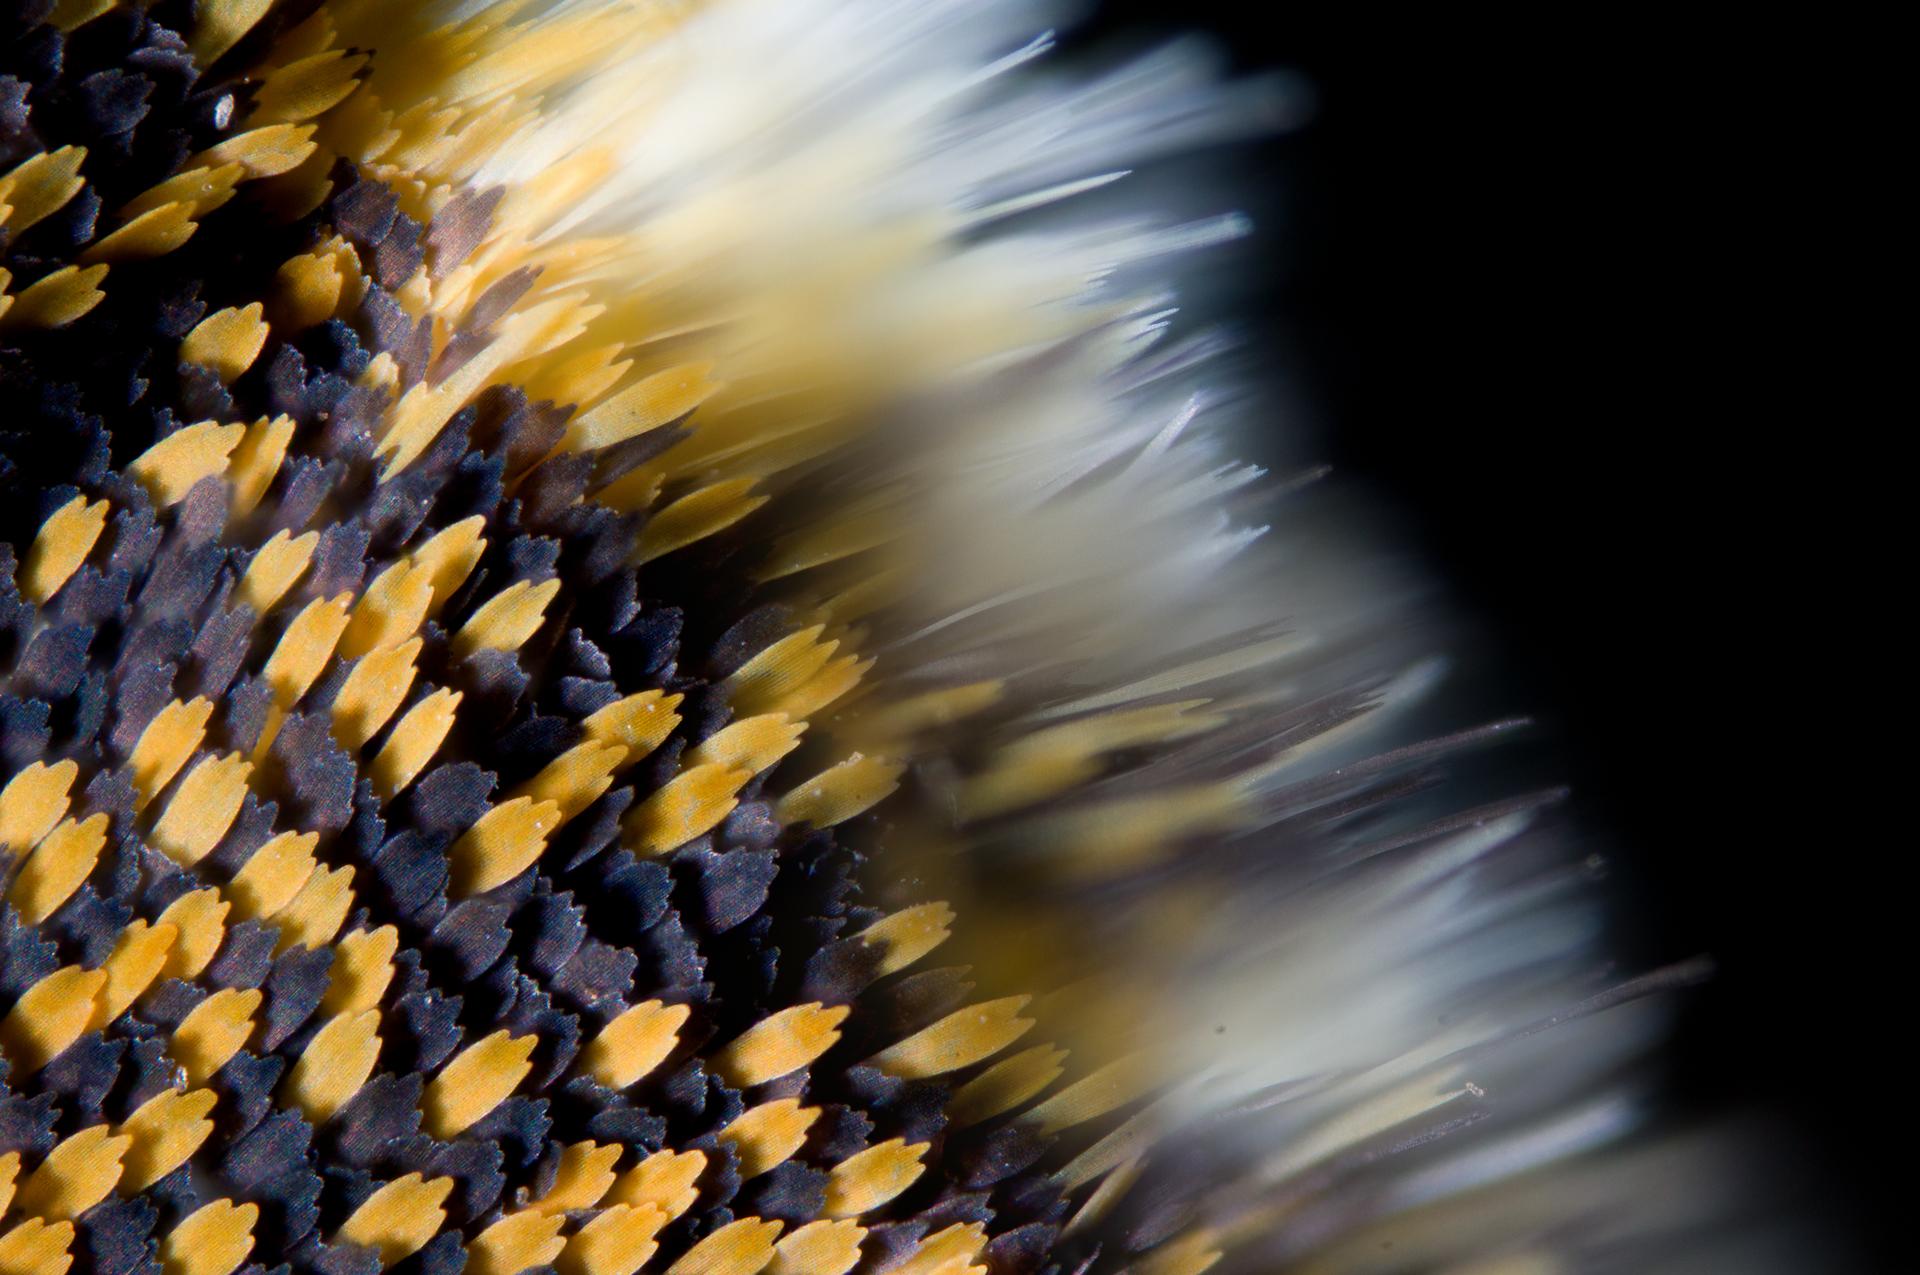 Detail křídla běláska - motýla s pigmentovým zbarvením.